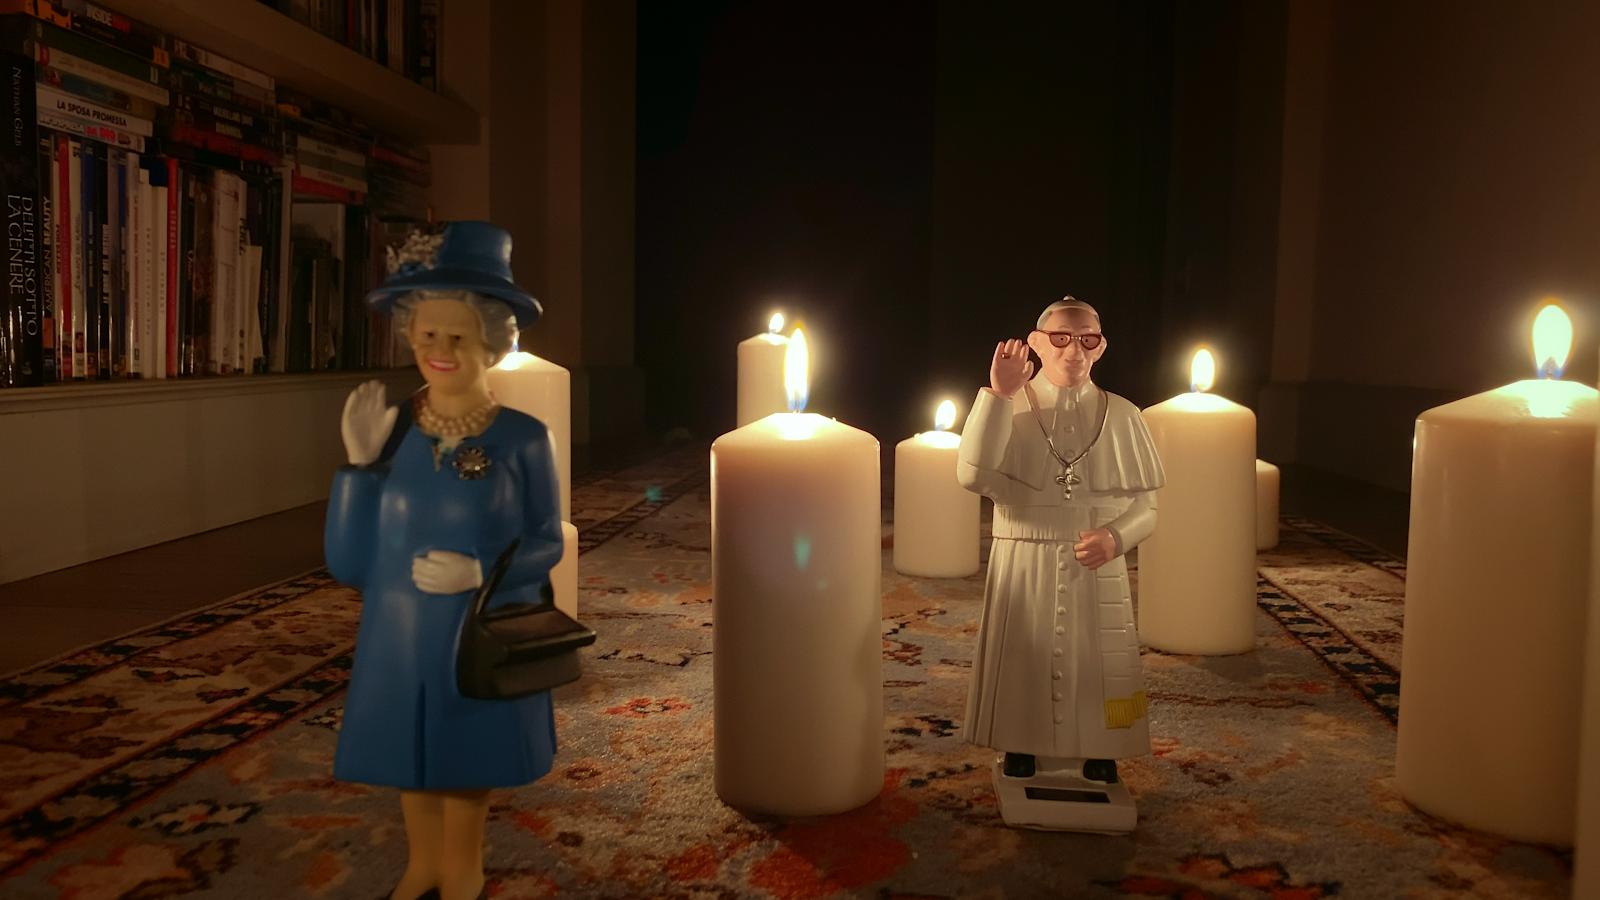 Paolo Sorrentino w swojej etiudzie sięgnął po plastikowe figurki papieża Franciszka i królowej Elżbiety.